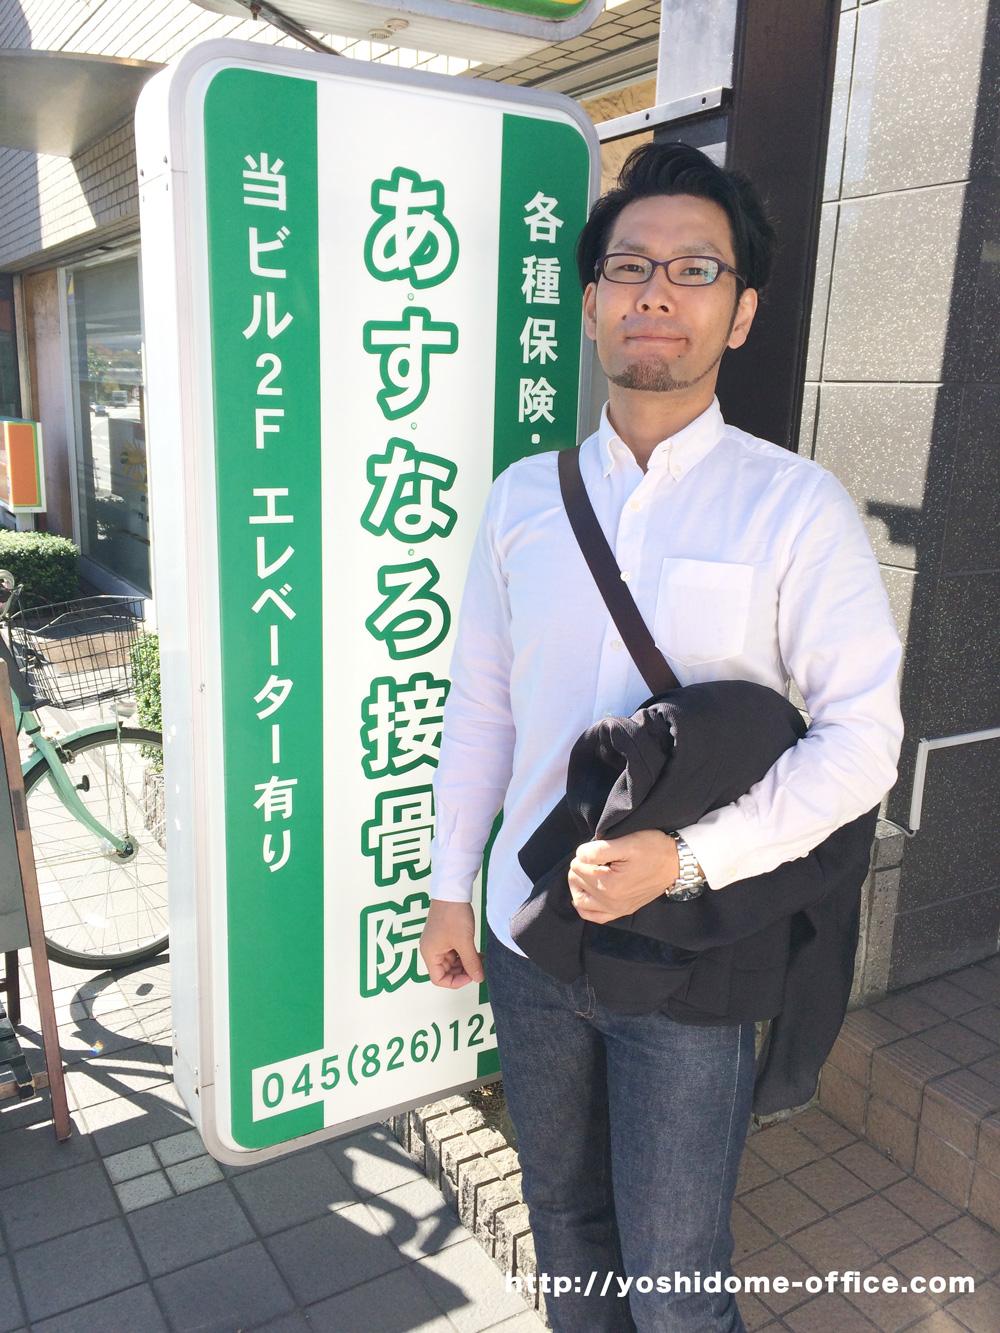 横浜のあすなろ接骨院へ見学に行ってきました